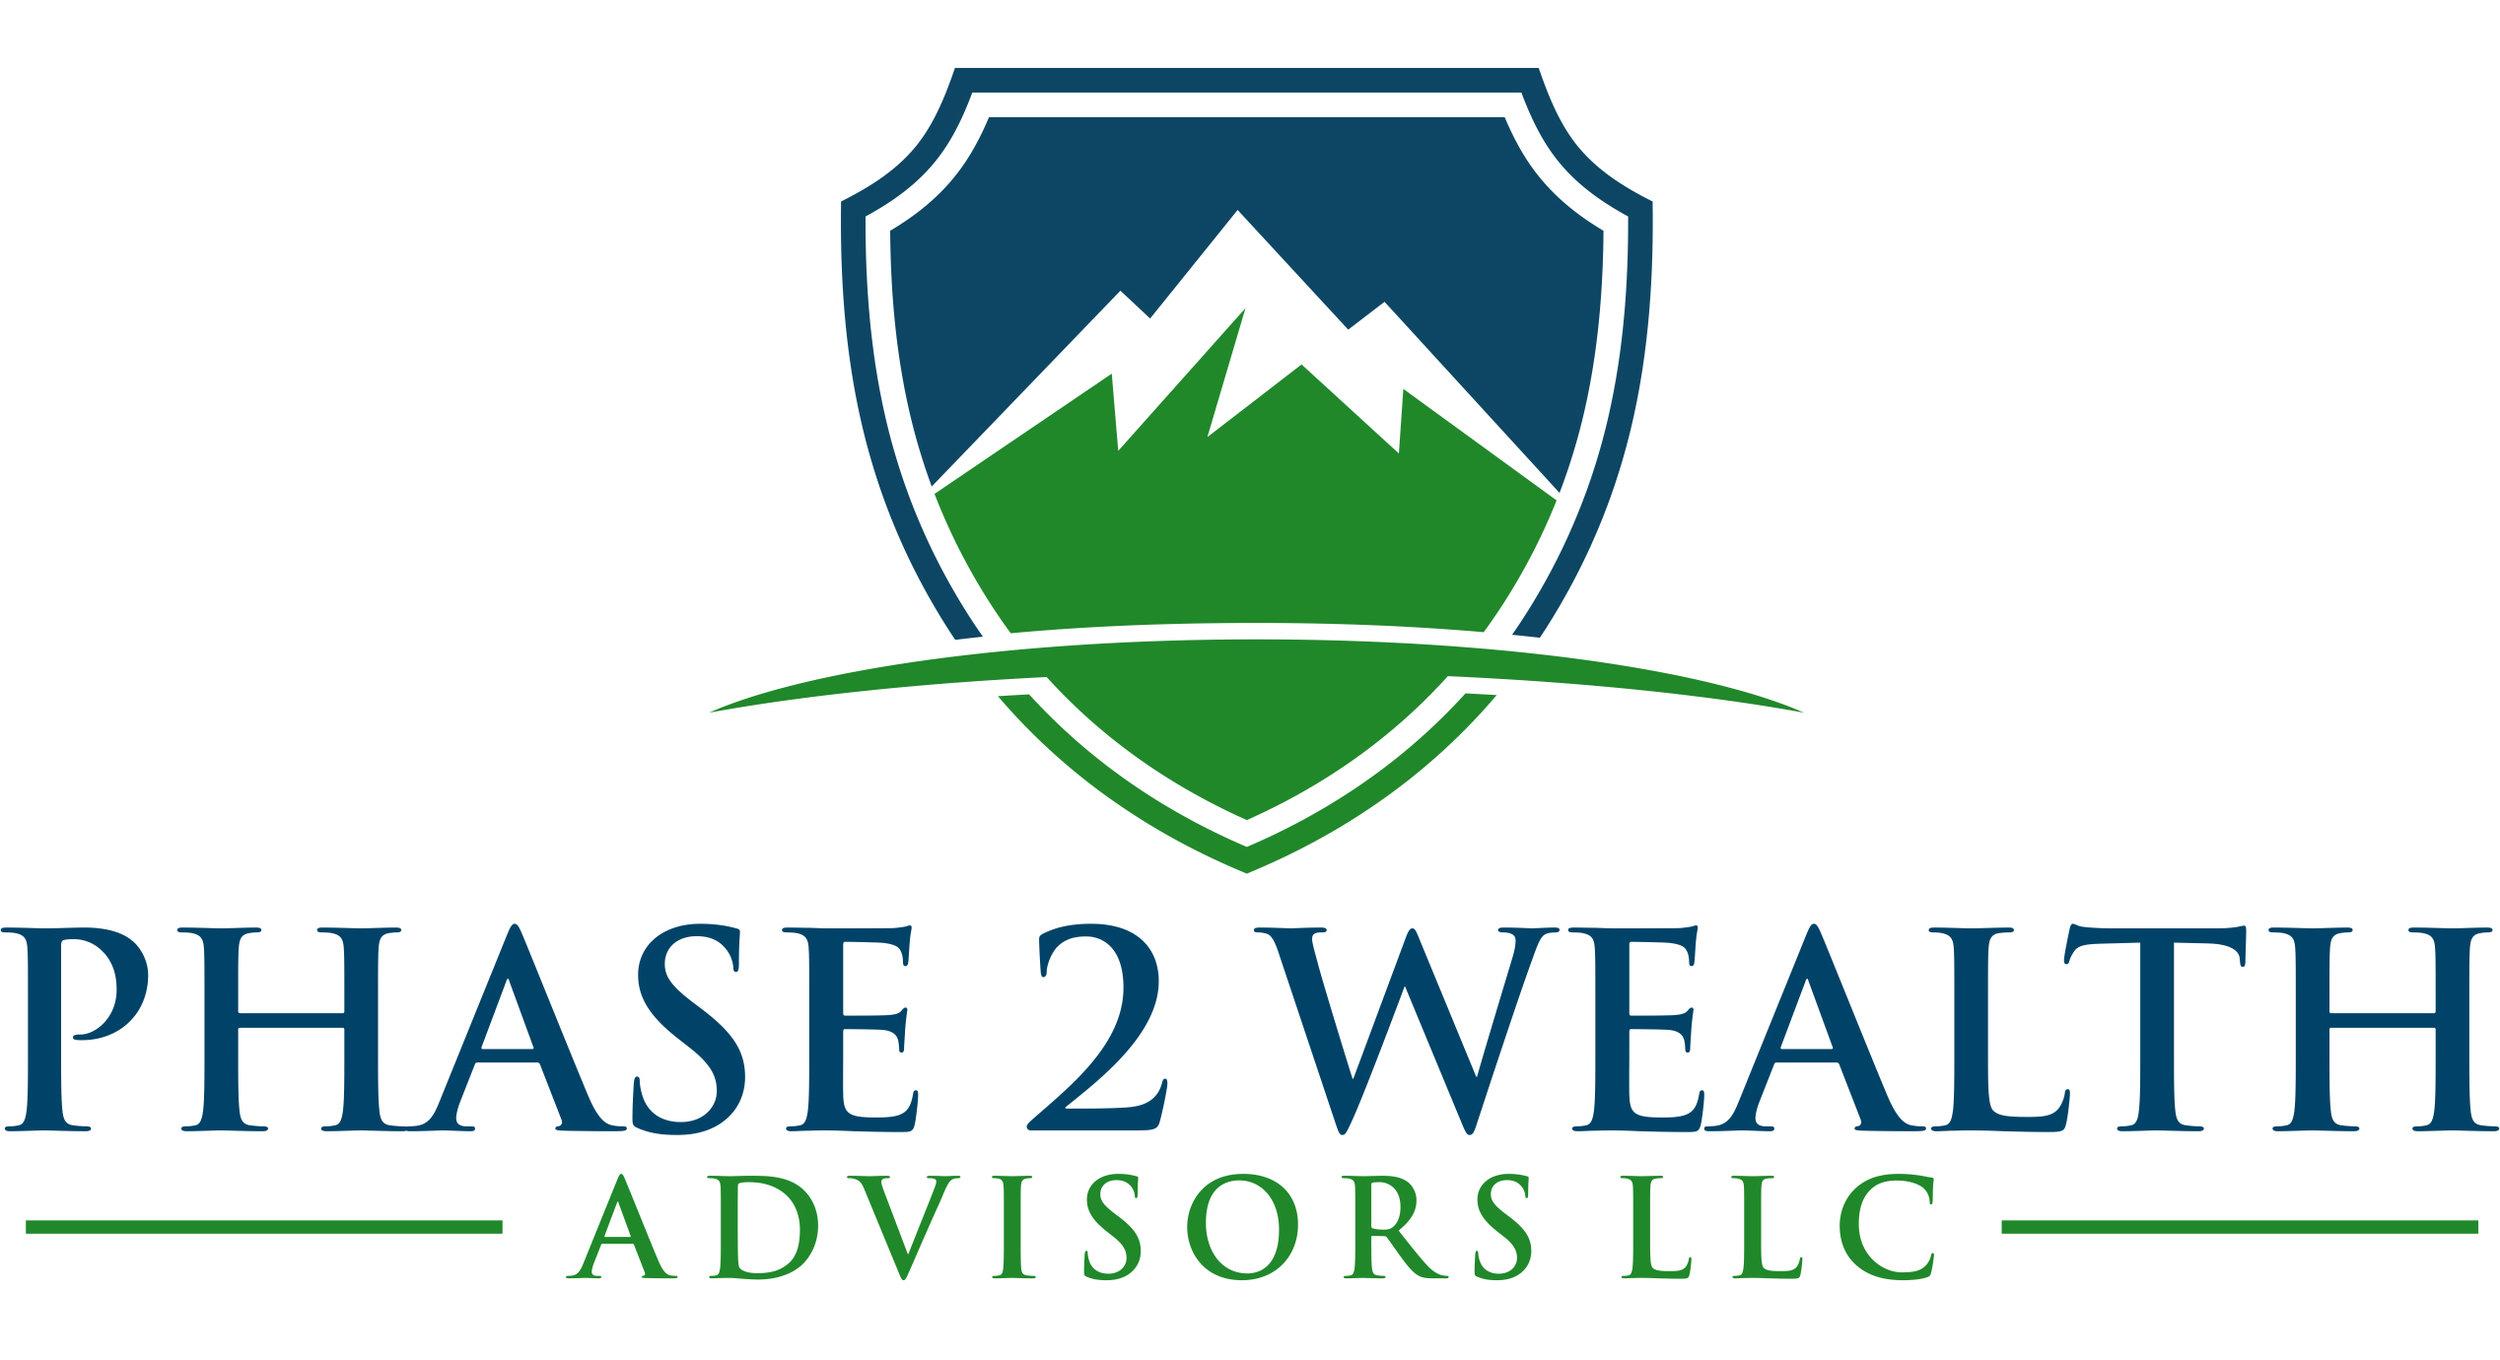 Phase 2 Wealth Advisors LLC.jpg